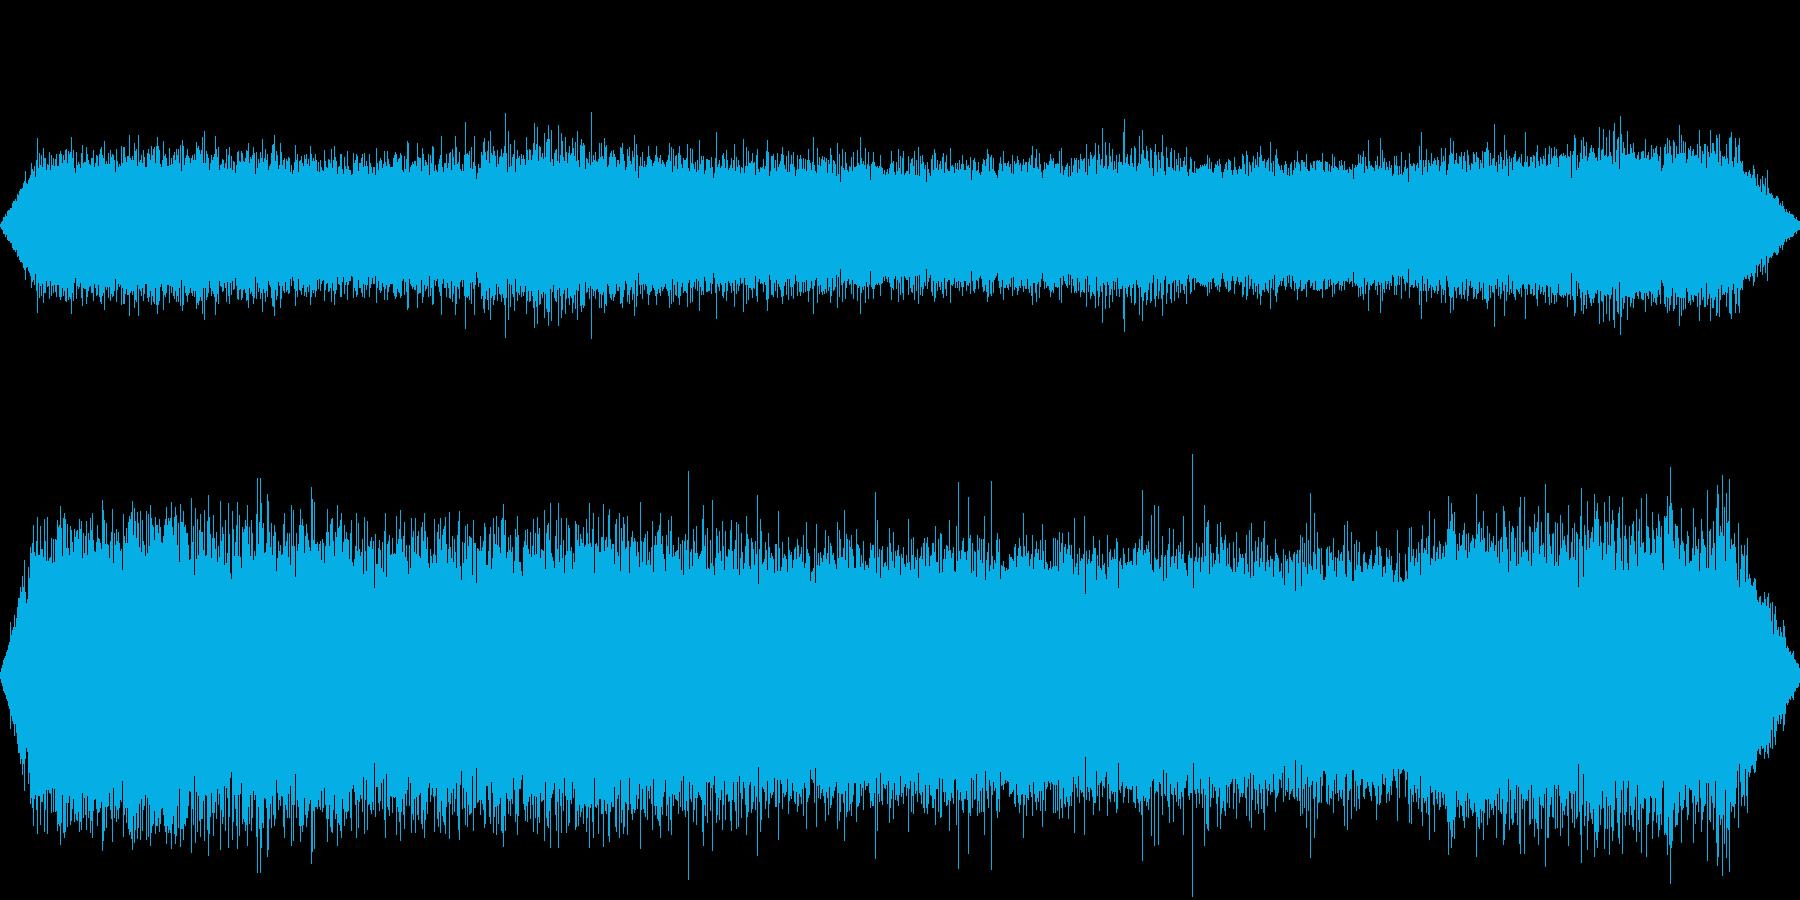 夏の里山の環境音、ヒグラシや鳥等の鳴き声の再生済みの波形